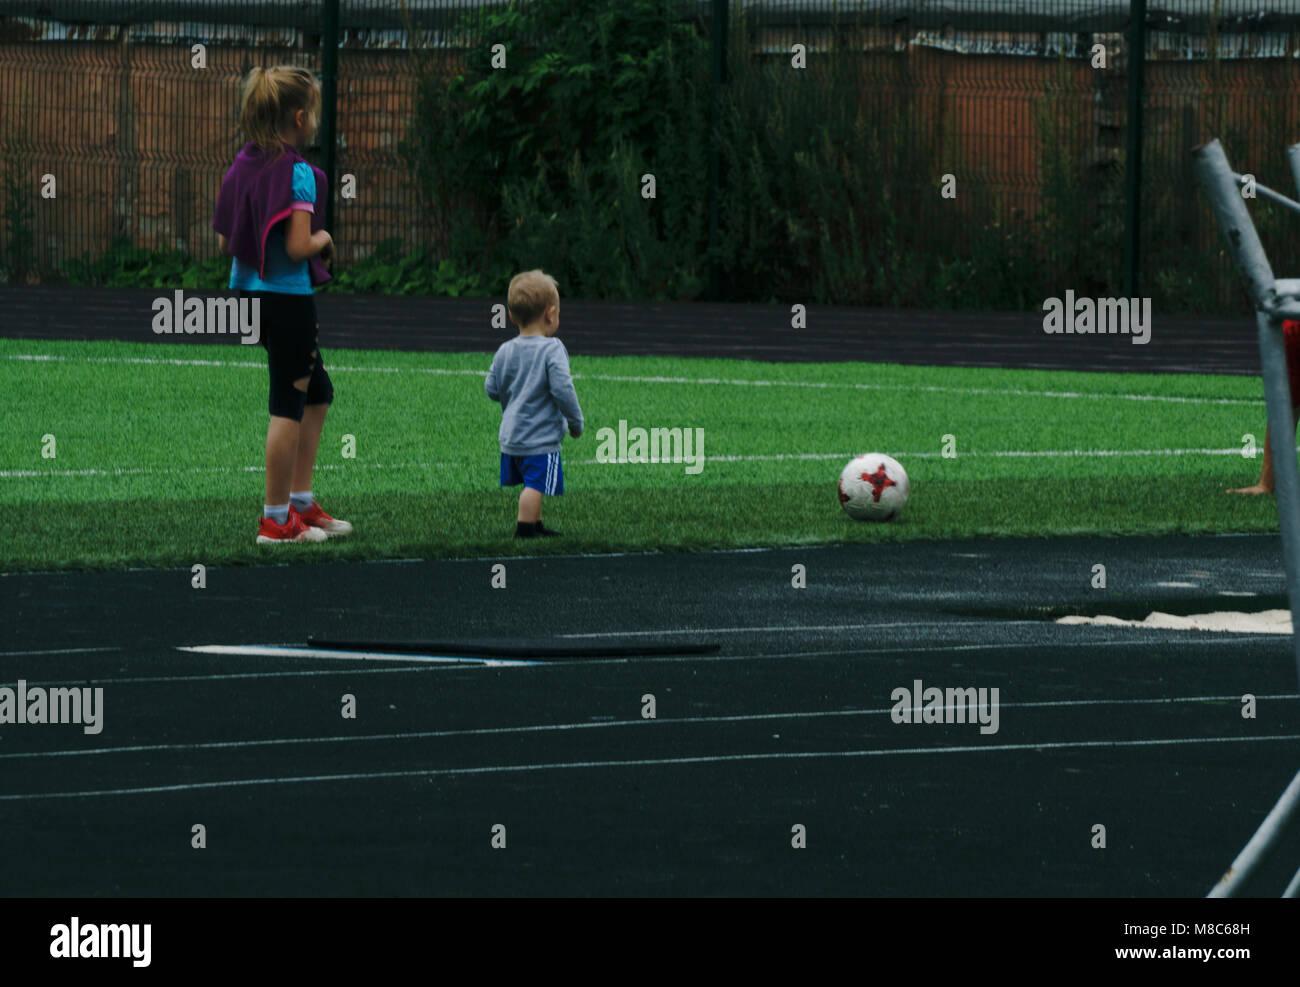 Nino Y Nina Estan Jugando Al Futbol En La Noche Glade Foto Imagen